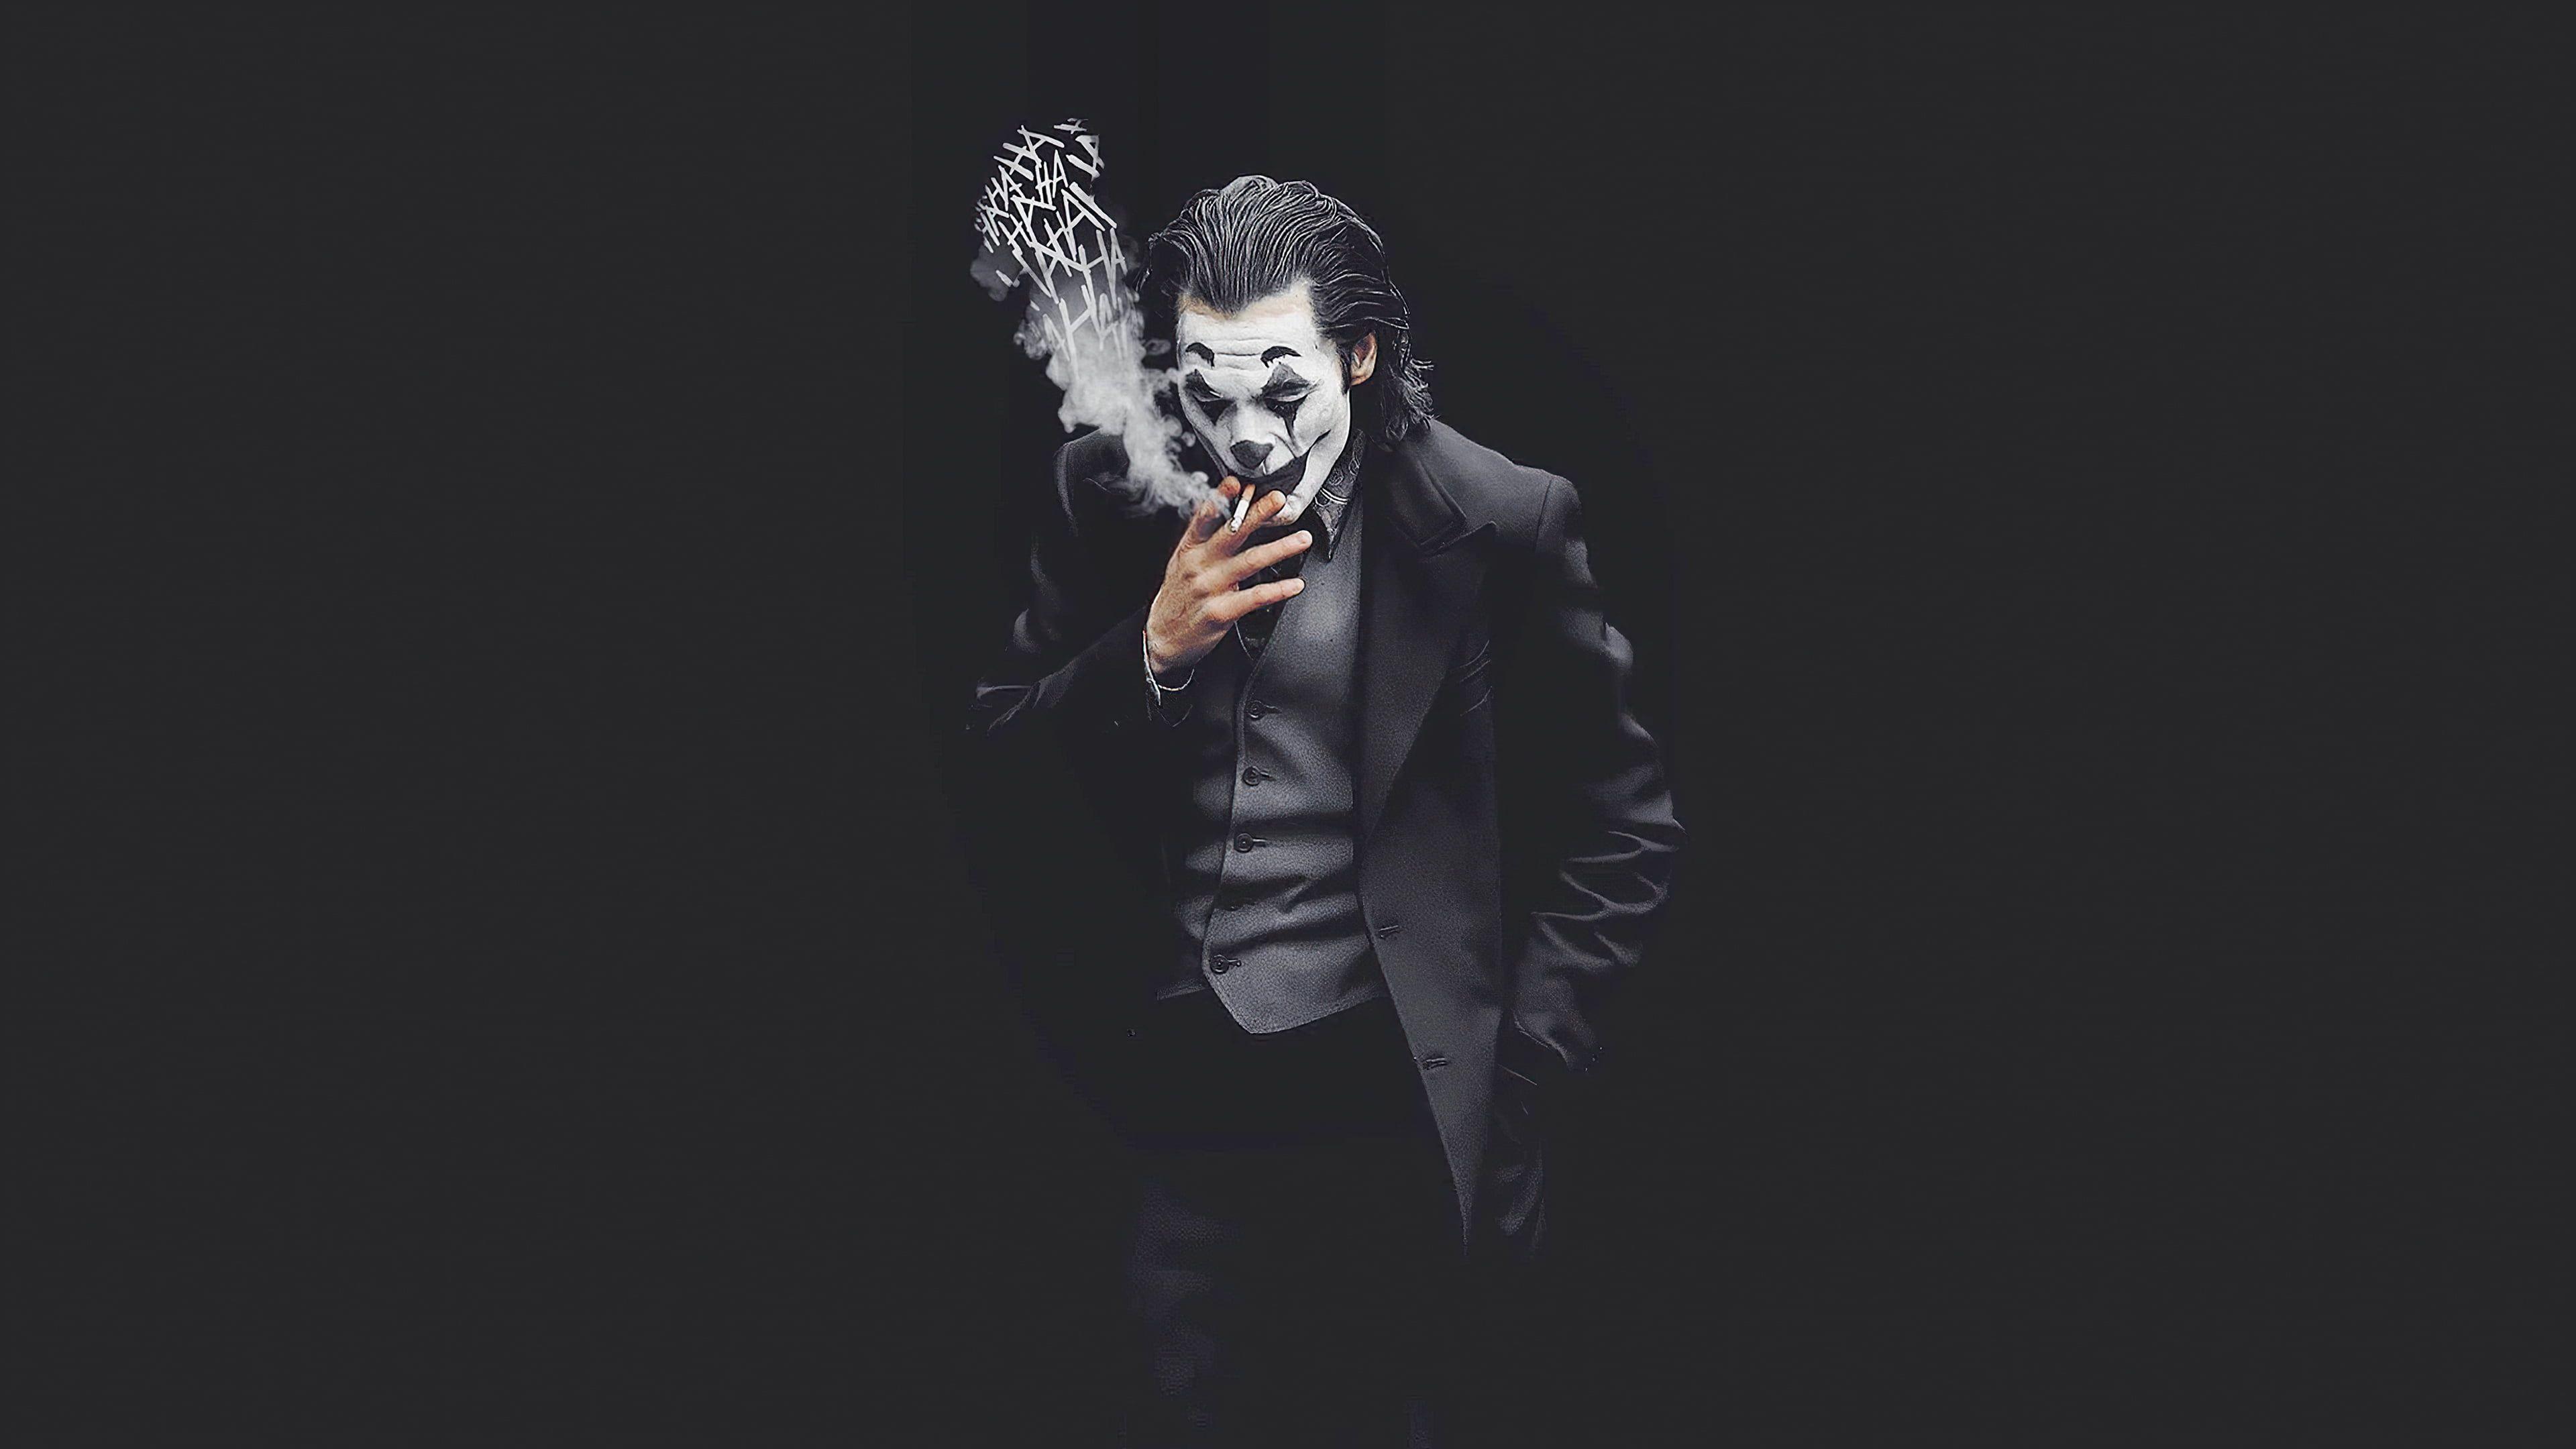 Wallpaper For Pc Joker